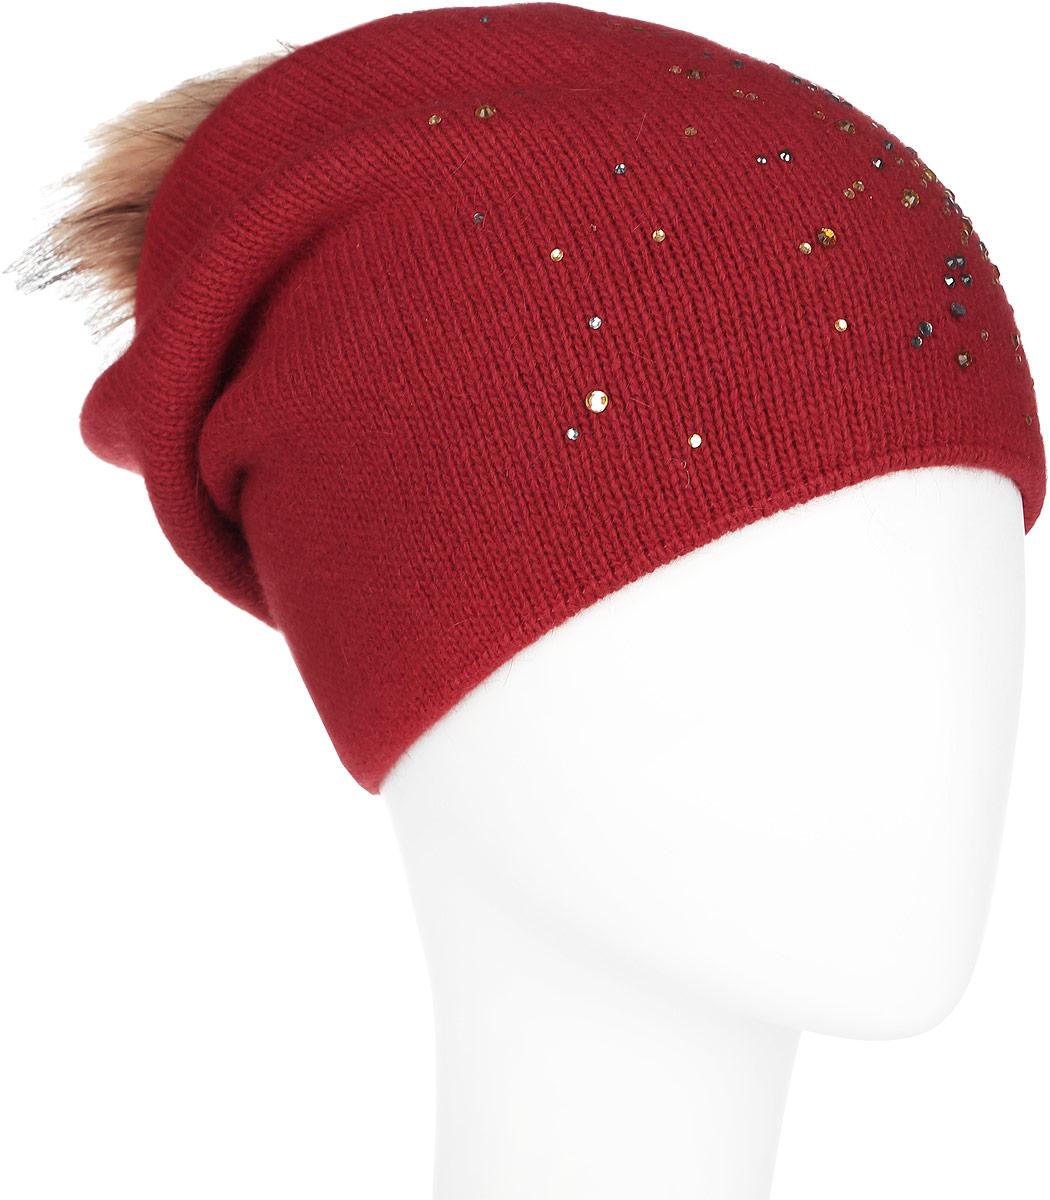 ШапкаA16-12130_317Стильная женская шапка Finn Flare дополнит ваш наряд и не позволит вам замерзнуть в холодное время года. Шапка выполнена из высококачественной пряжи, что позволяет ей великолепно сохранять тепло и обеспечивает высокую эластичность и удобство посадки. Изделие дополнено тёплой подкладкой. Модель оформлена пушистым помпоном из меха енота и украшена узором из страз. Такая шапка станет модным и стильным дополнением вашего гардероба. Она согреет вас и позволит подчеркнуть свою индивидуальность!